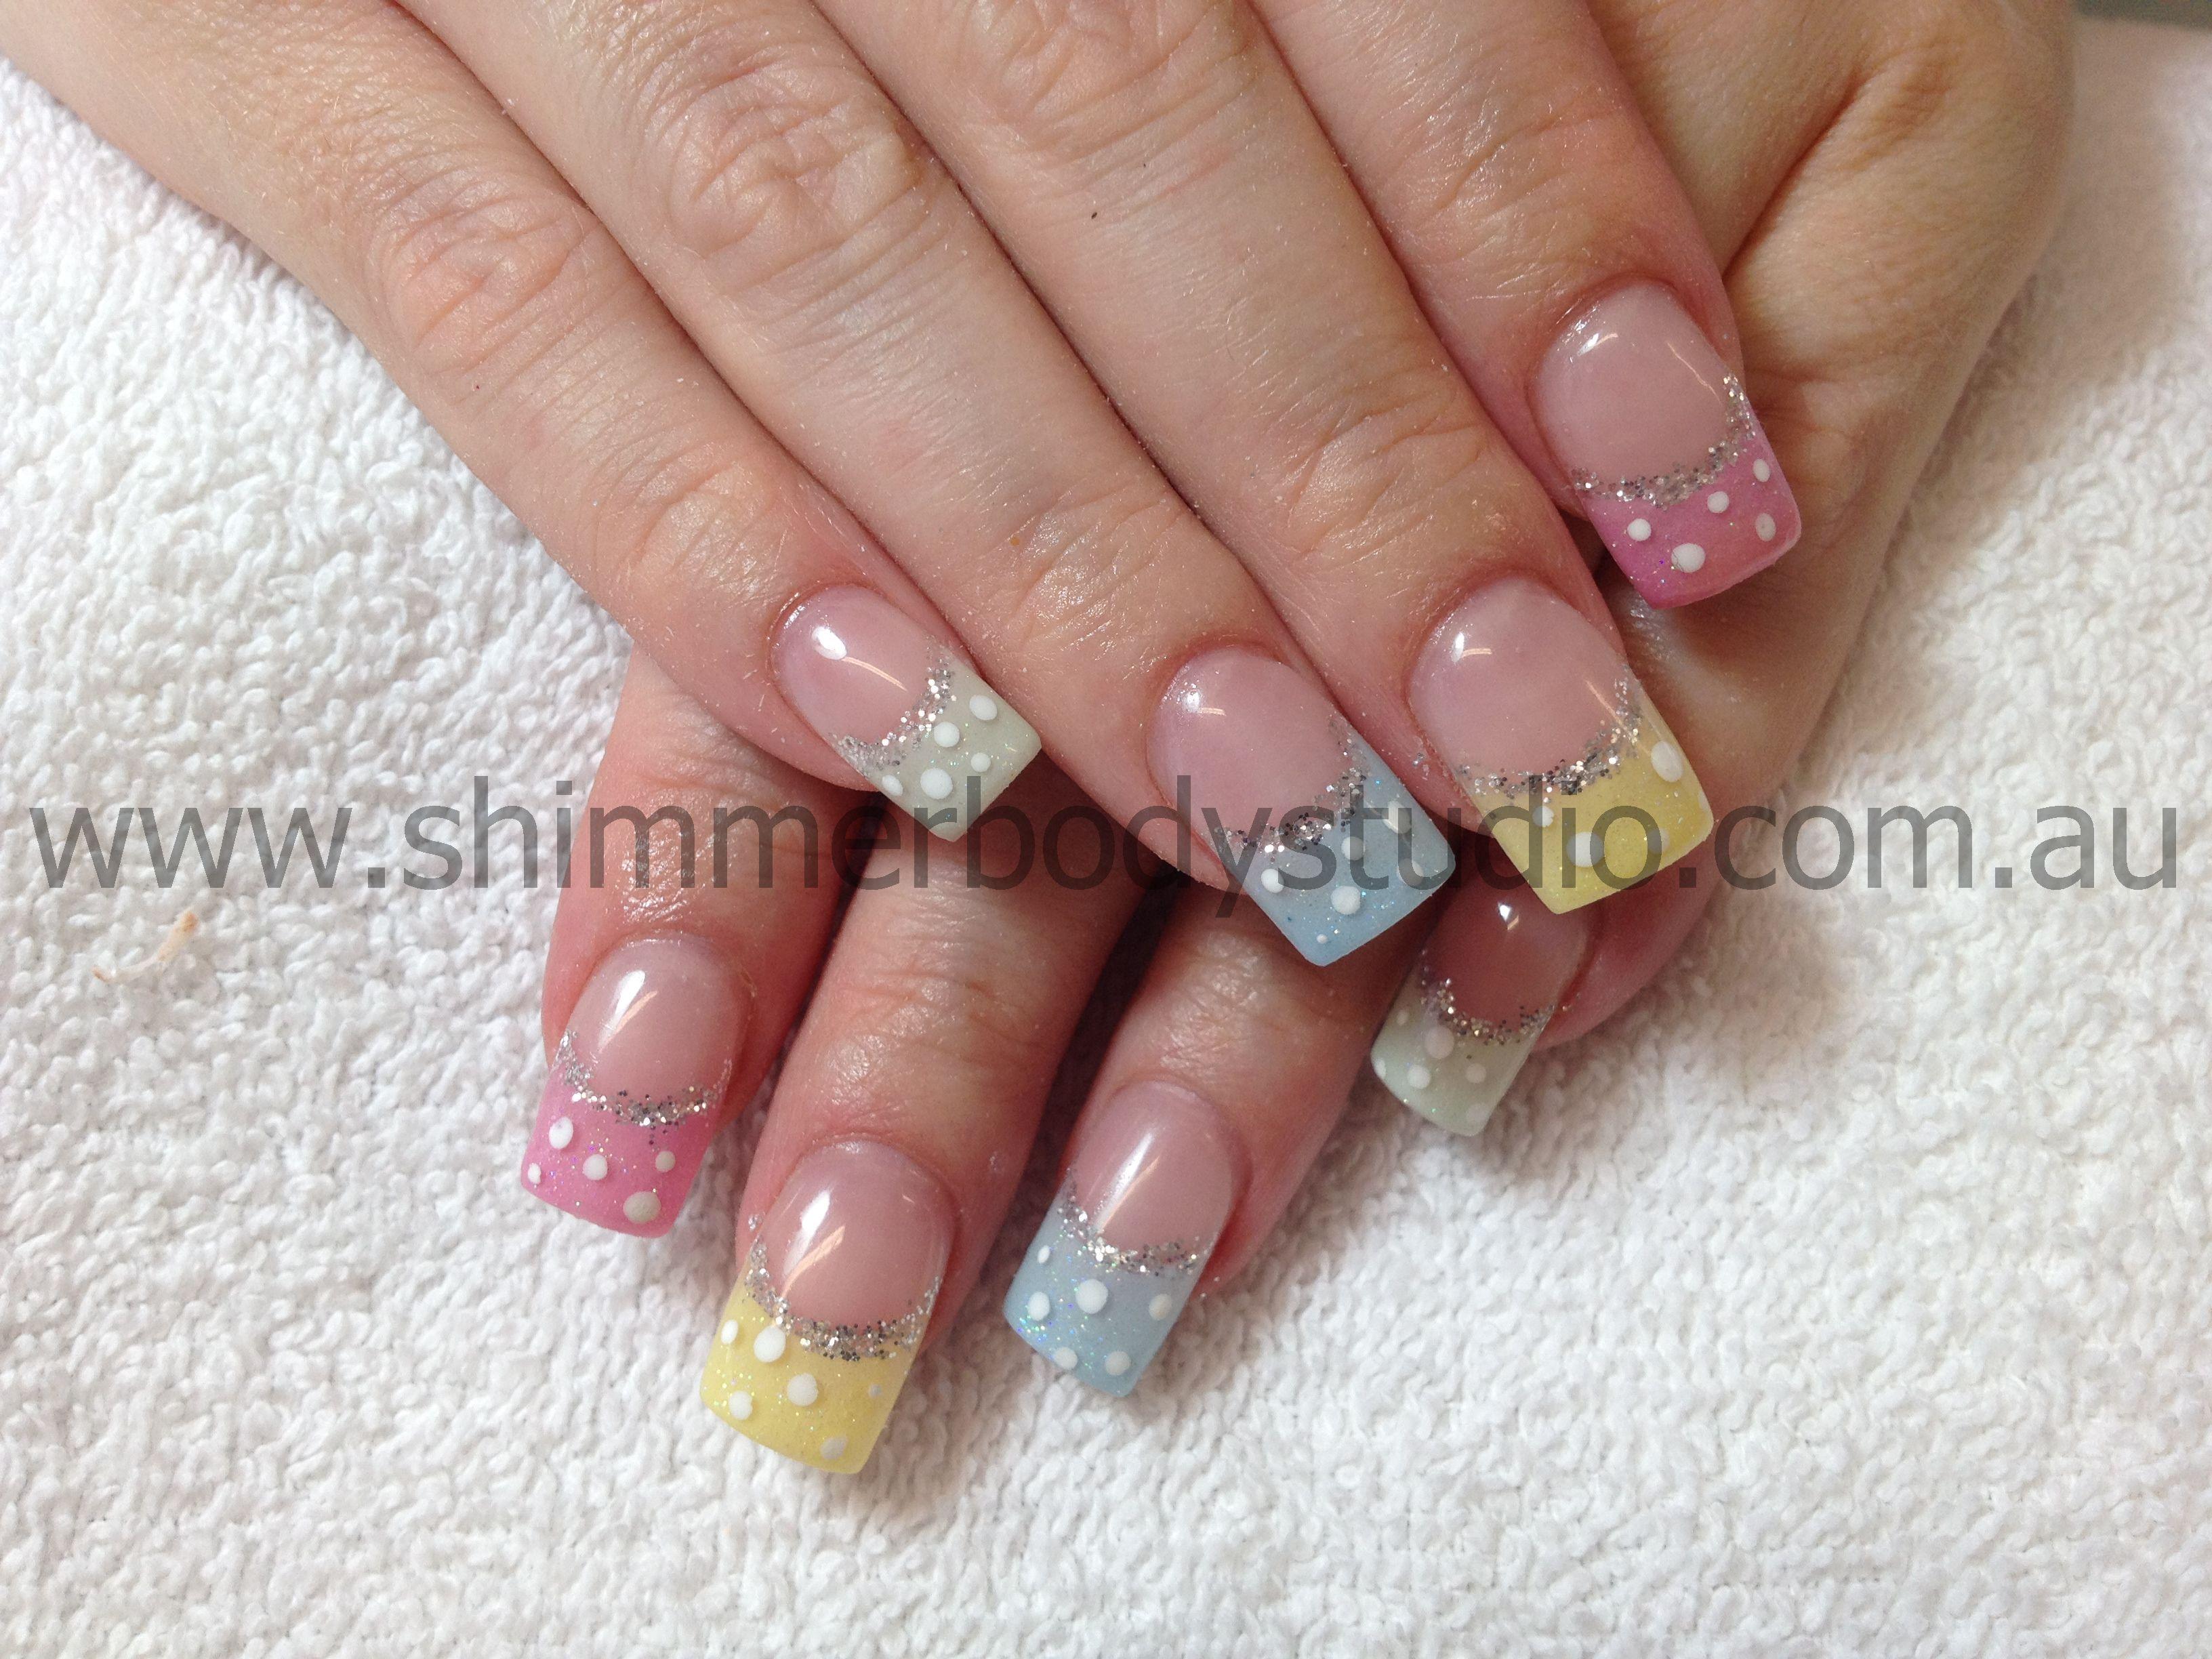 Gel nails colour nails polkadot nails easter nails glitter gel nails colour nails polkadot nails easter nails glitter nail art prinsesfo Choice Image